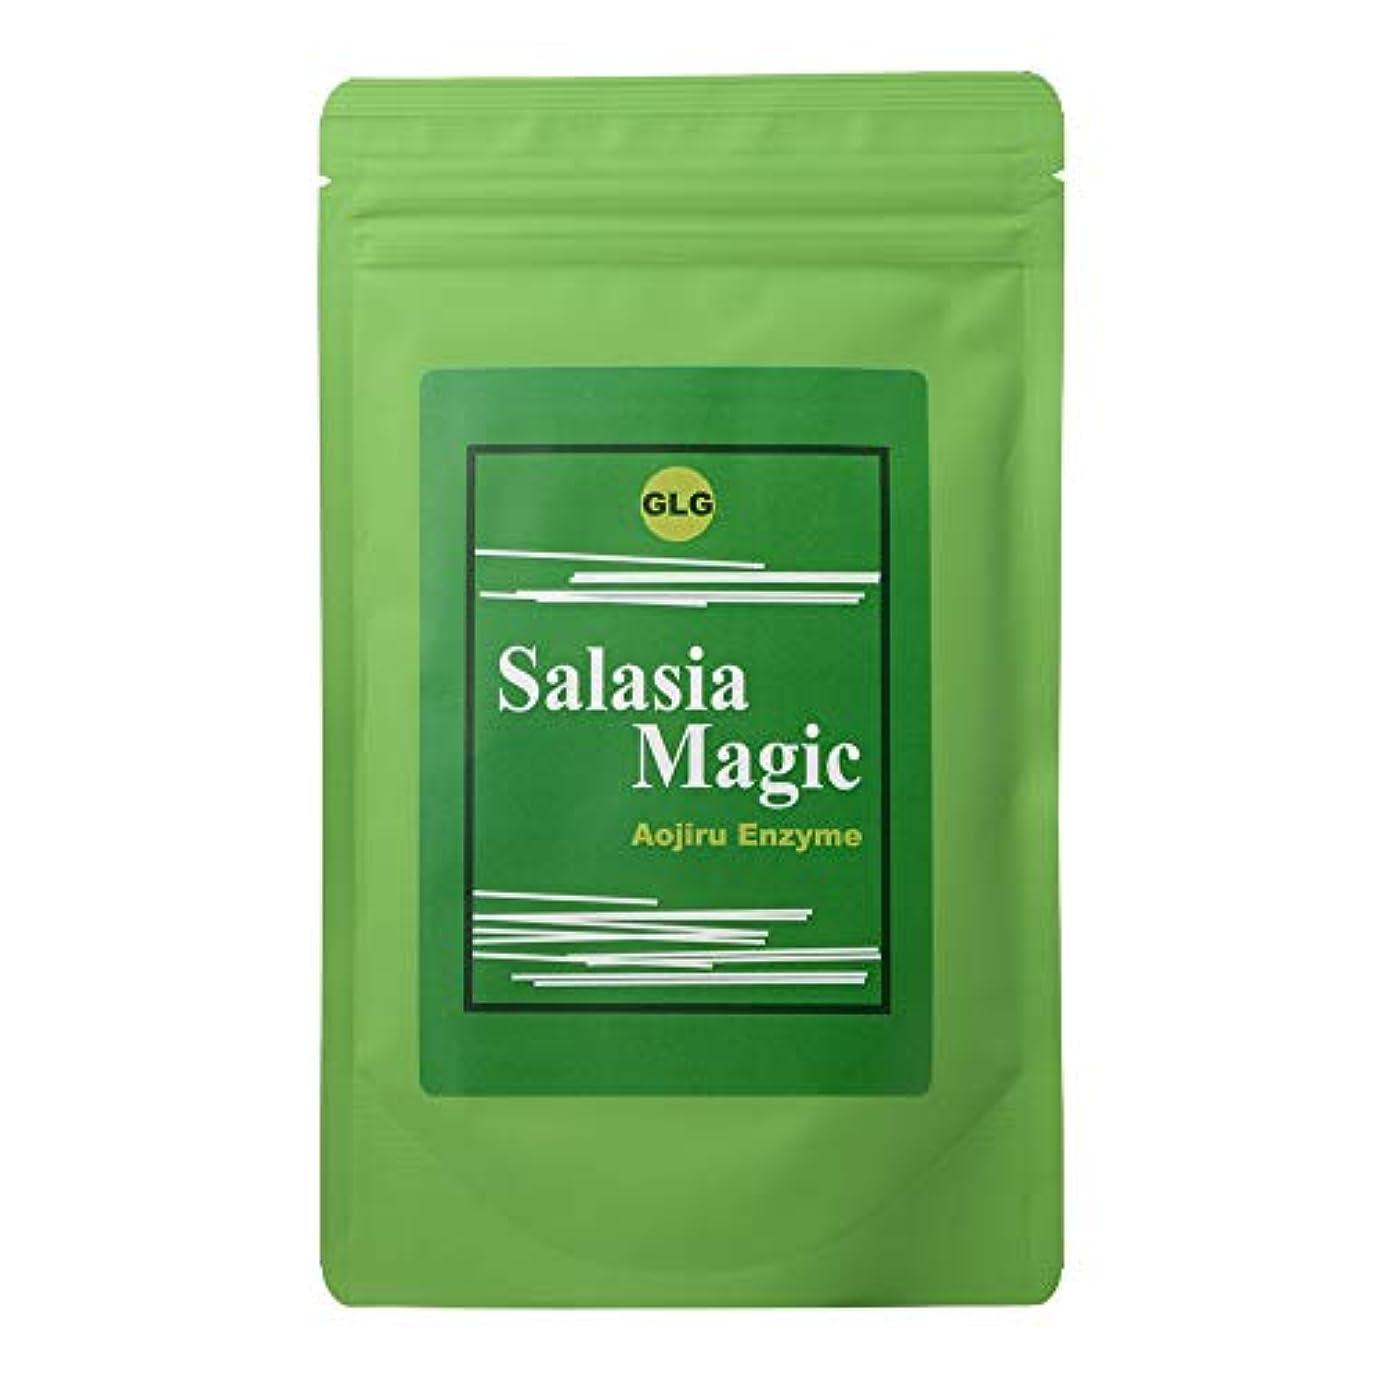 無外部仕事に行くサラシアマジック 青汁酵素 (ダイエットドリンク) お茶 健康飲料 粉末 [内容量150g/ 説明書付き]